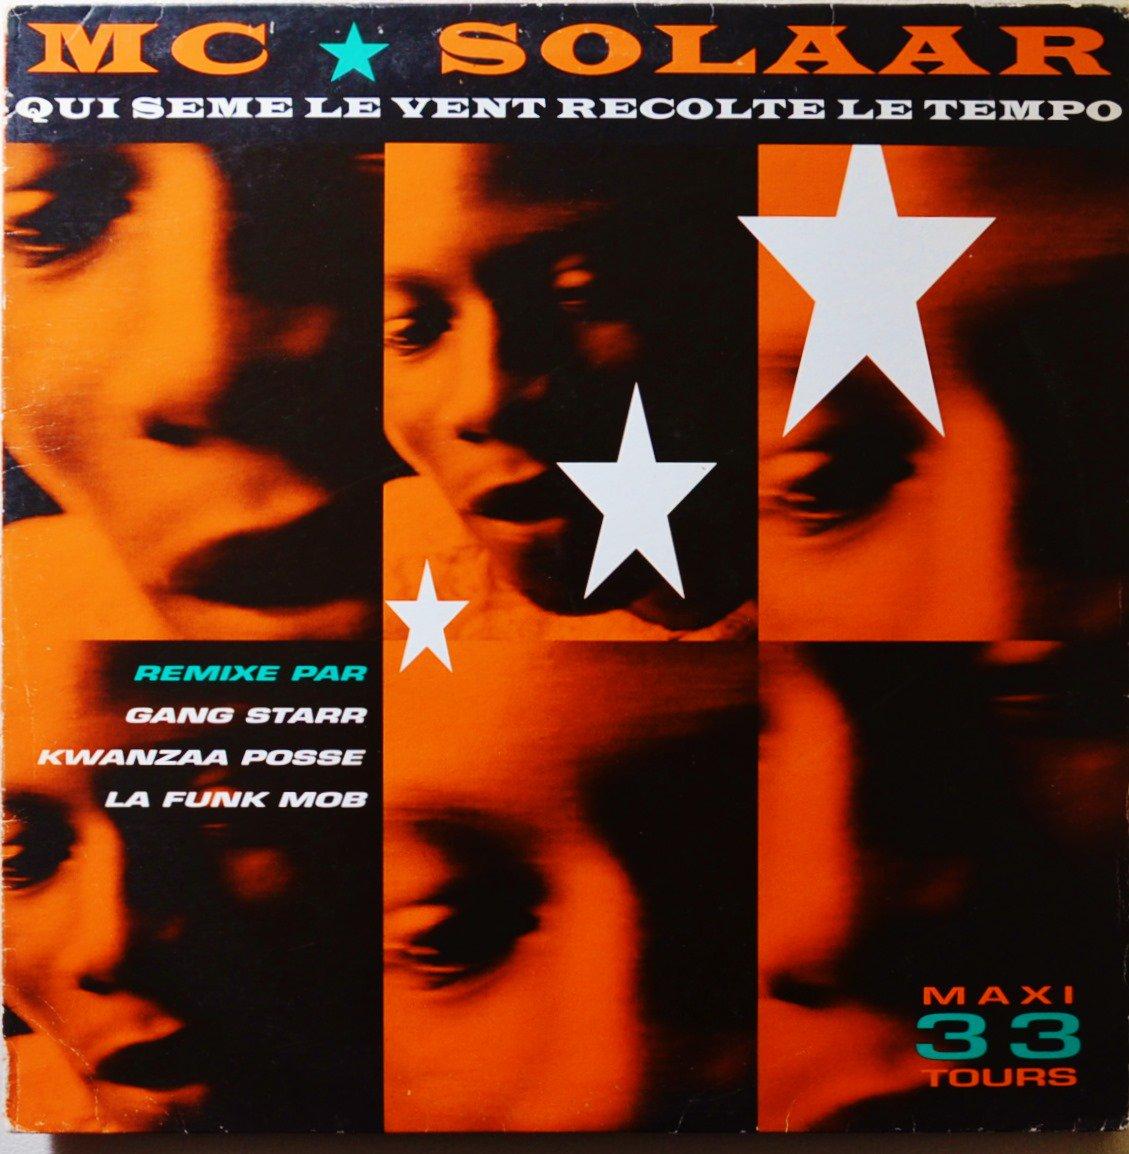 MC SOLAAR / QUI SÈME LE VENT RÉCOLTE LE TEMPO (GANG STARR MIX) (12